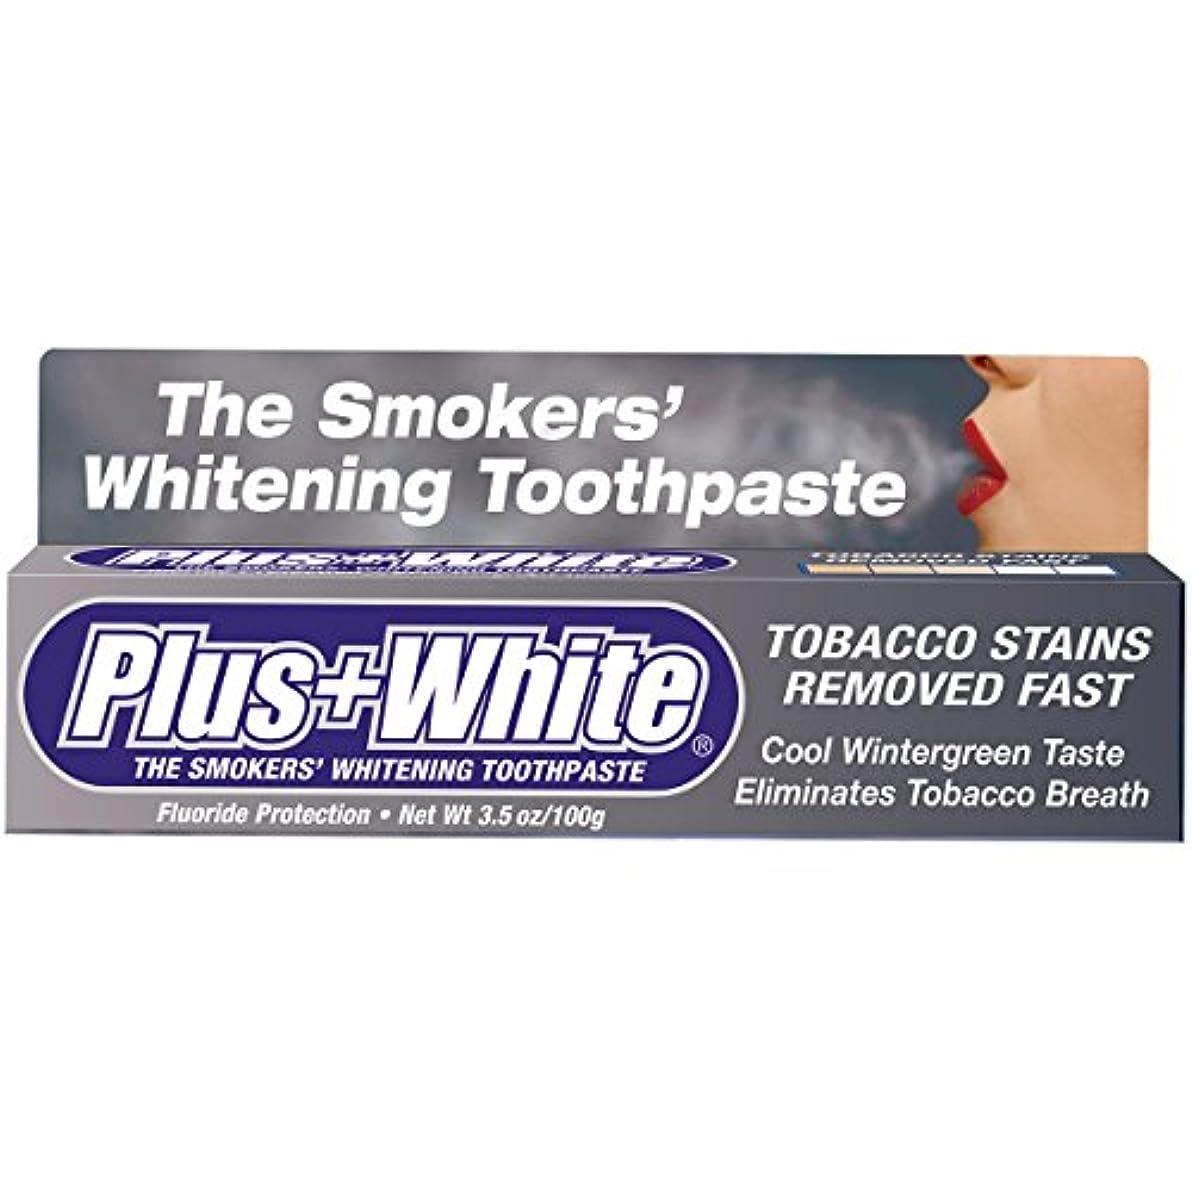 イブ触覚包囲Plus White, The Smokers' Whitening Toothpaste, Cooling Peppermint Flavor, 3.5 oz (100 g)